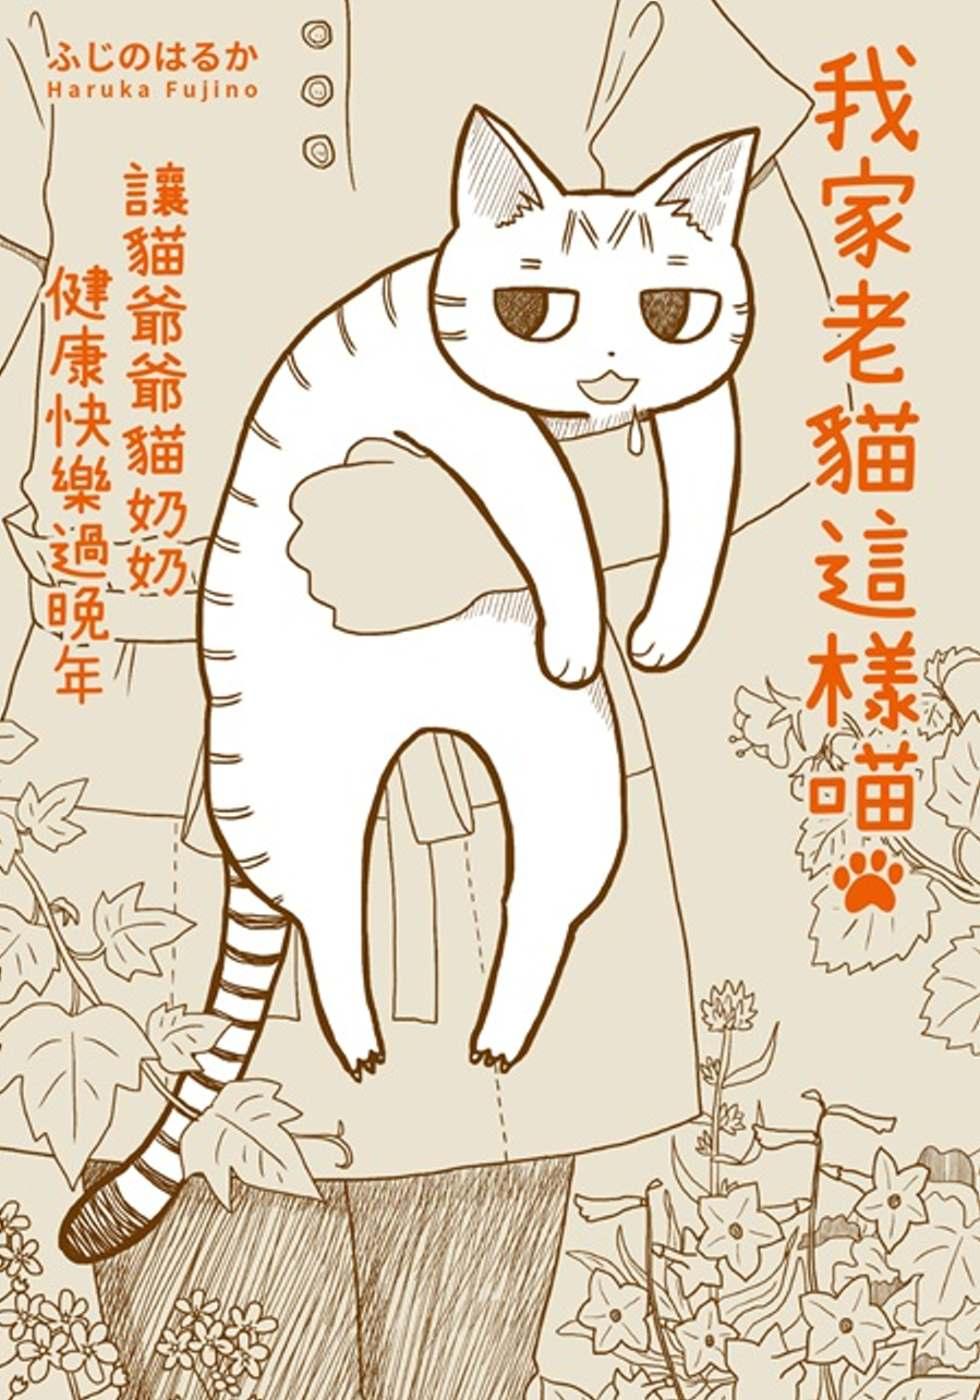 我家老貓這樣喵:讓貓爺爺貓奶奶健康快樂過晚年